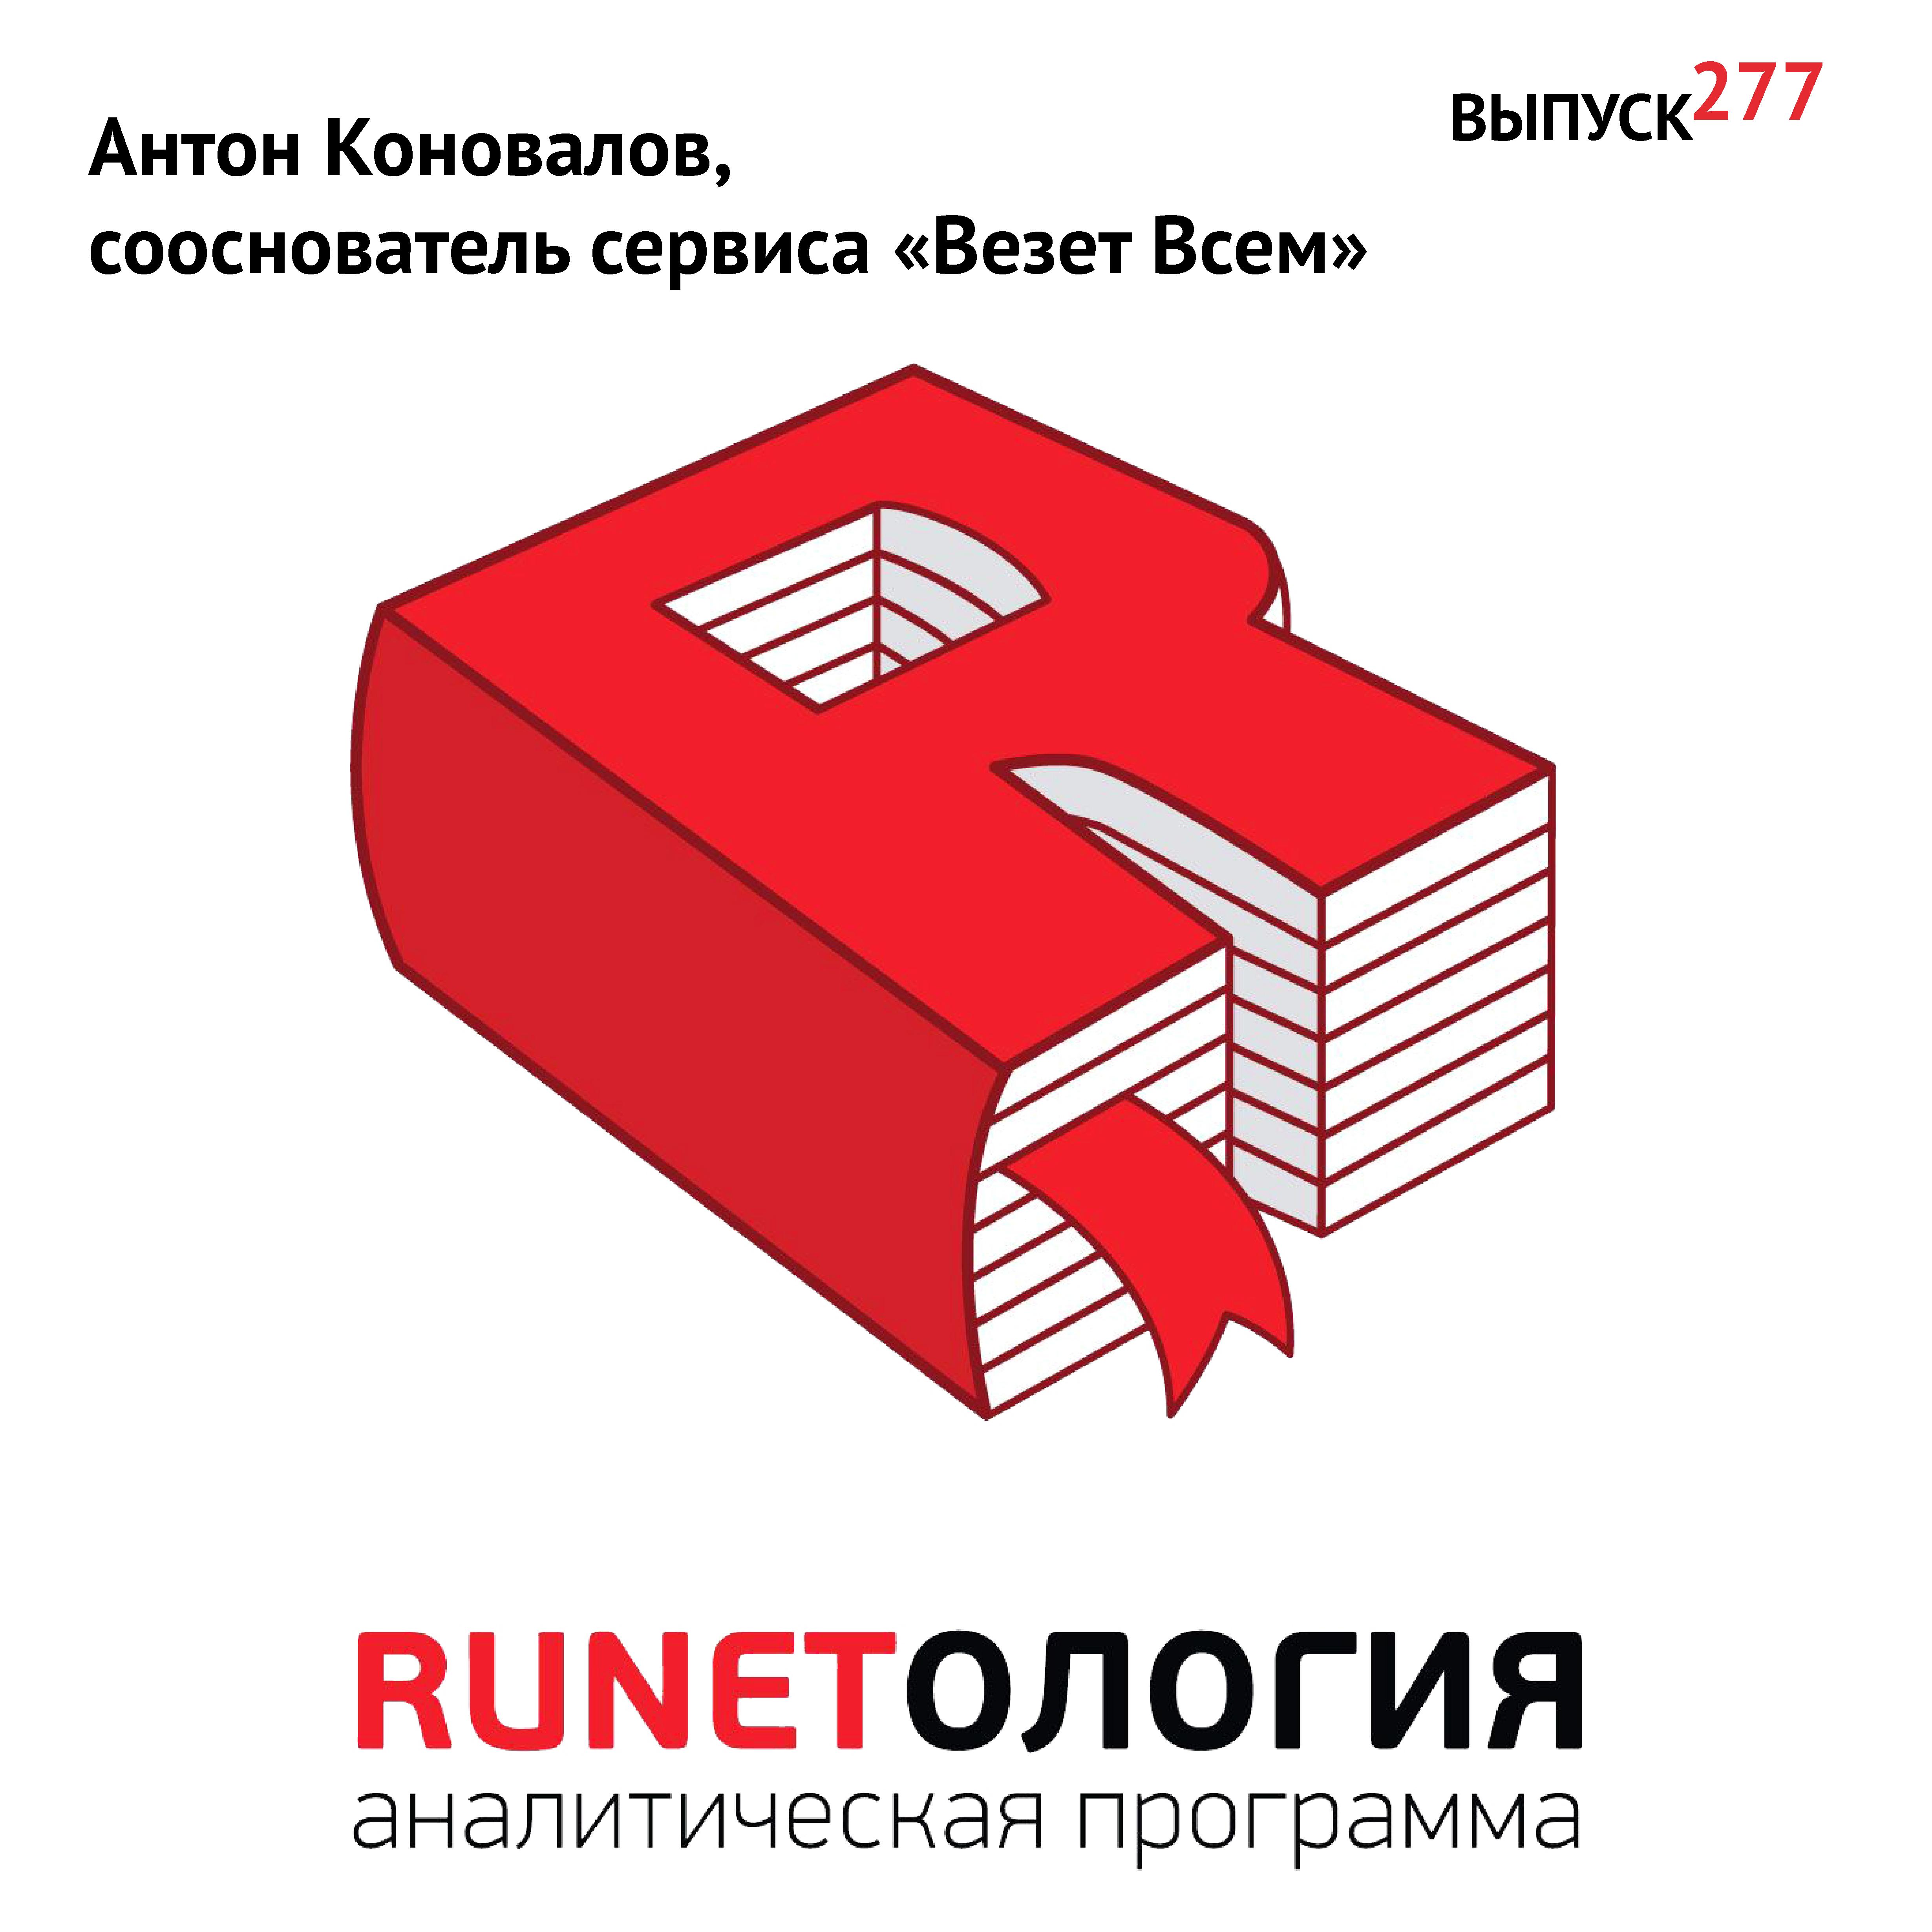 Максим Спиридонов Антон Коновалов, сооснователь сервиса «Везет Всем»